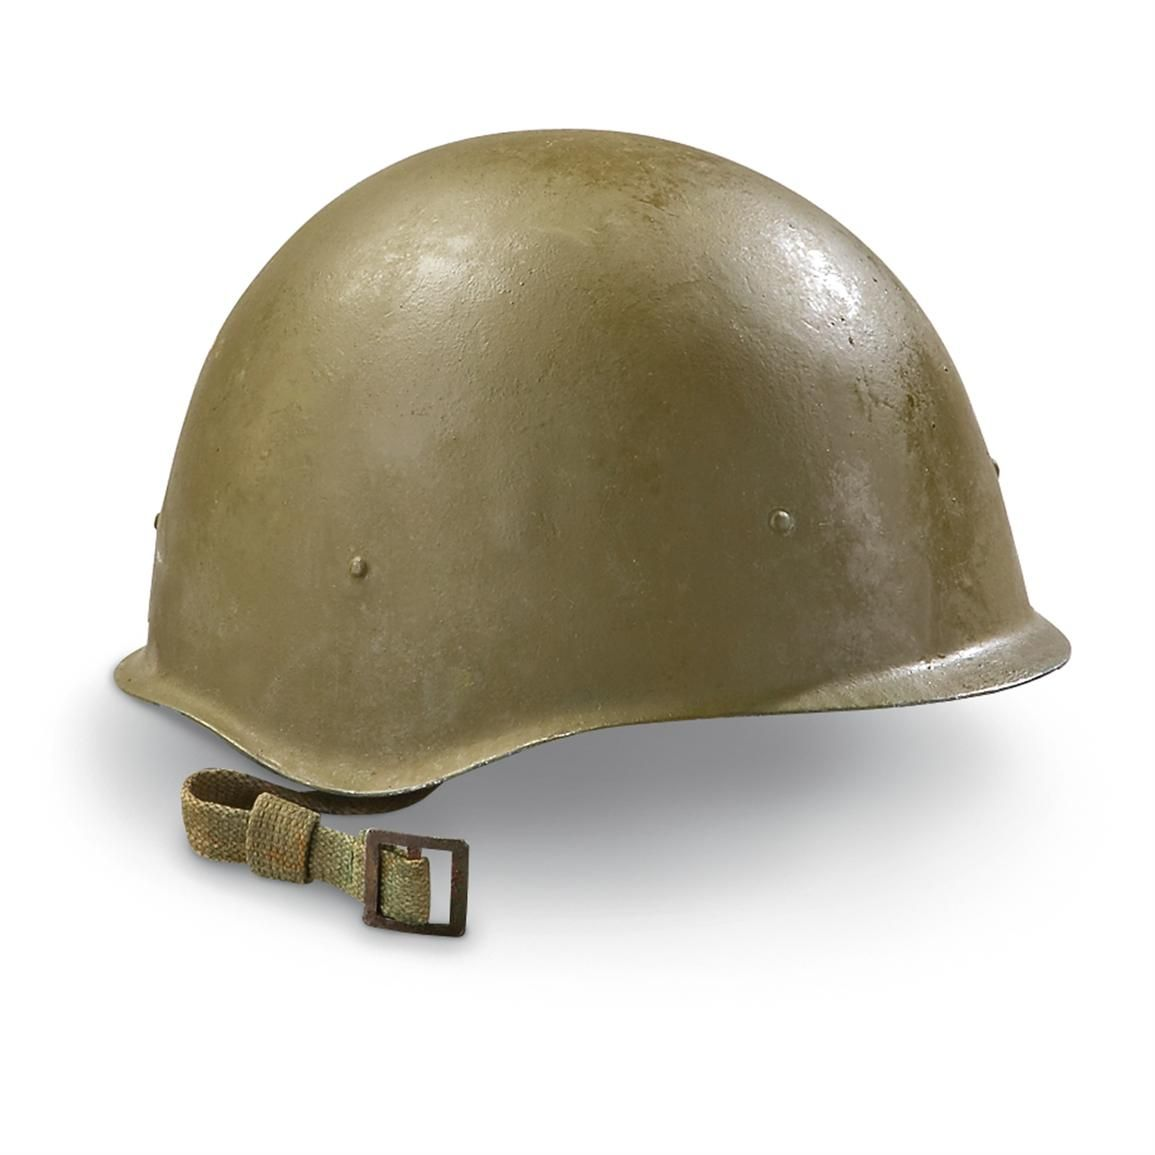 Army surplus helmet